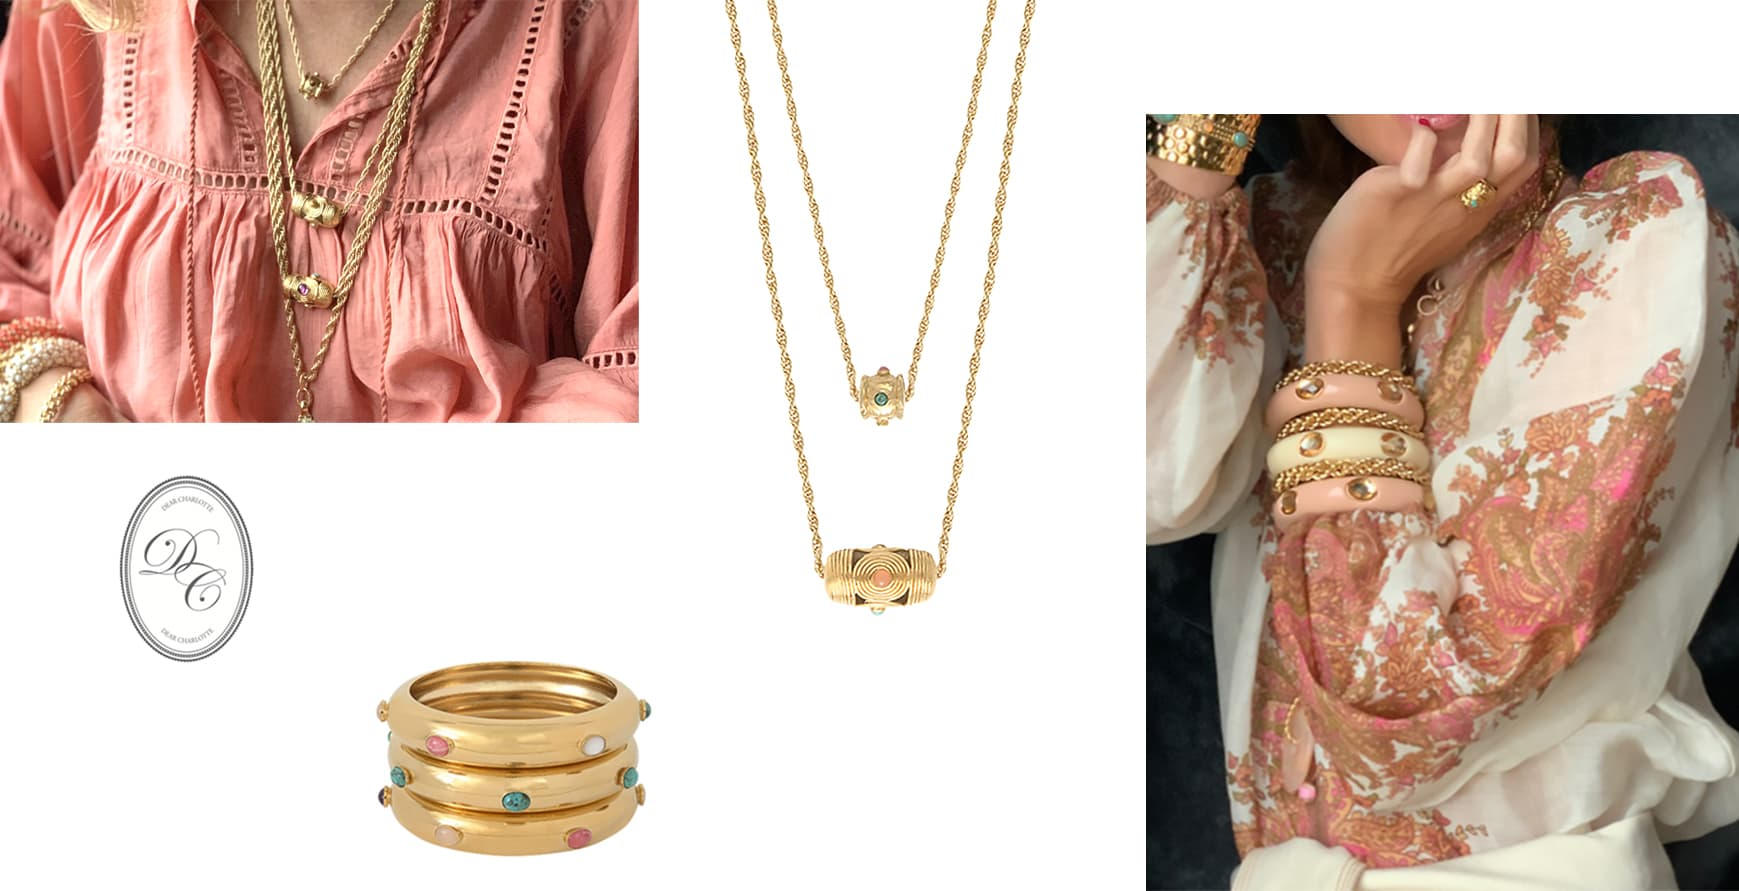 bijoux dear charlotte paris